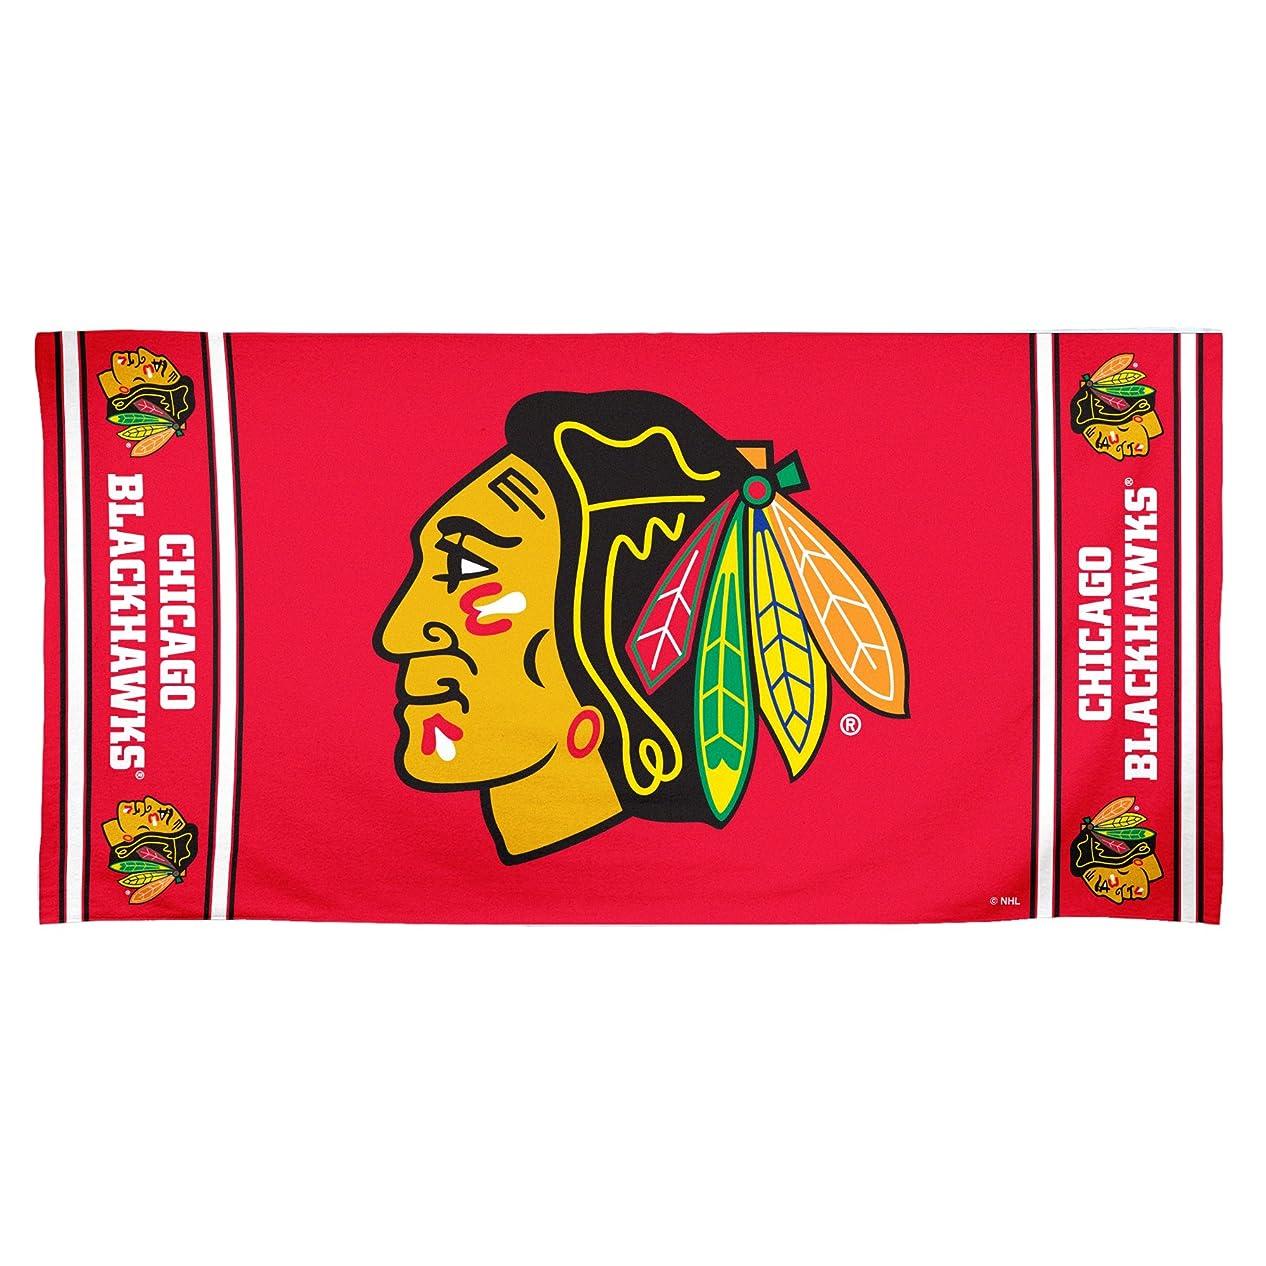 ブームバトル違反NHL Chicago Blackhawks 30?by 60?Fiber Reactiveビーチタオル